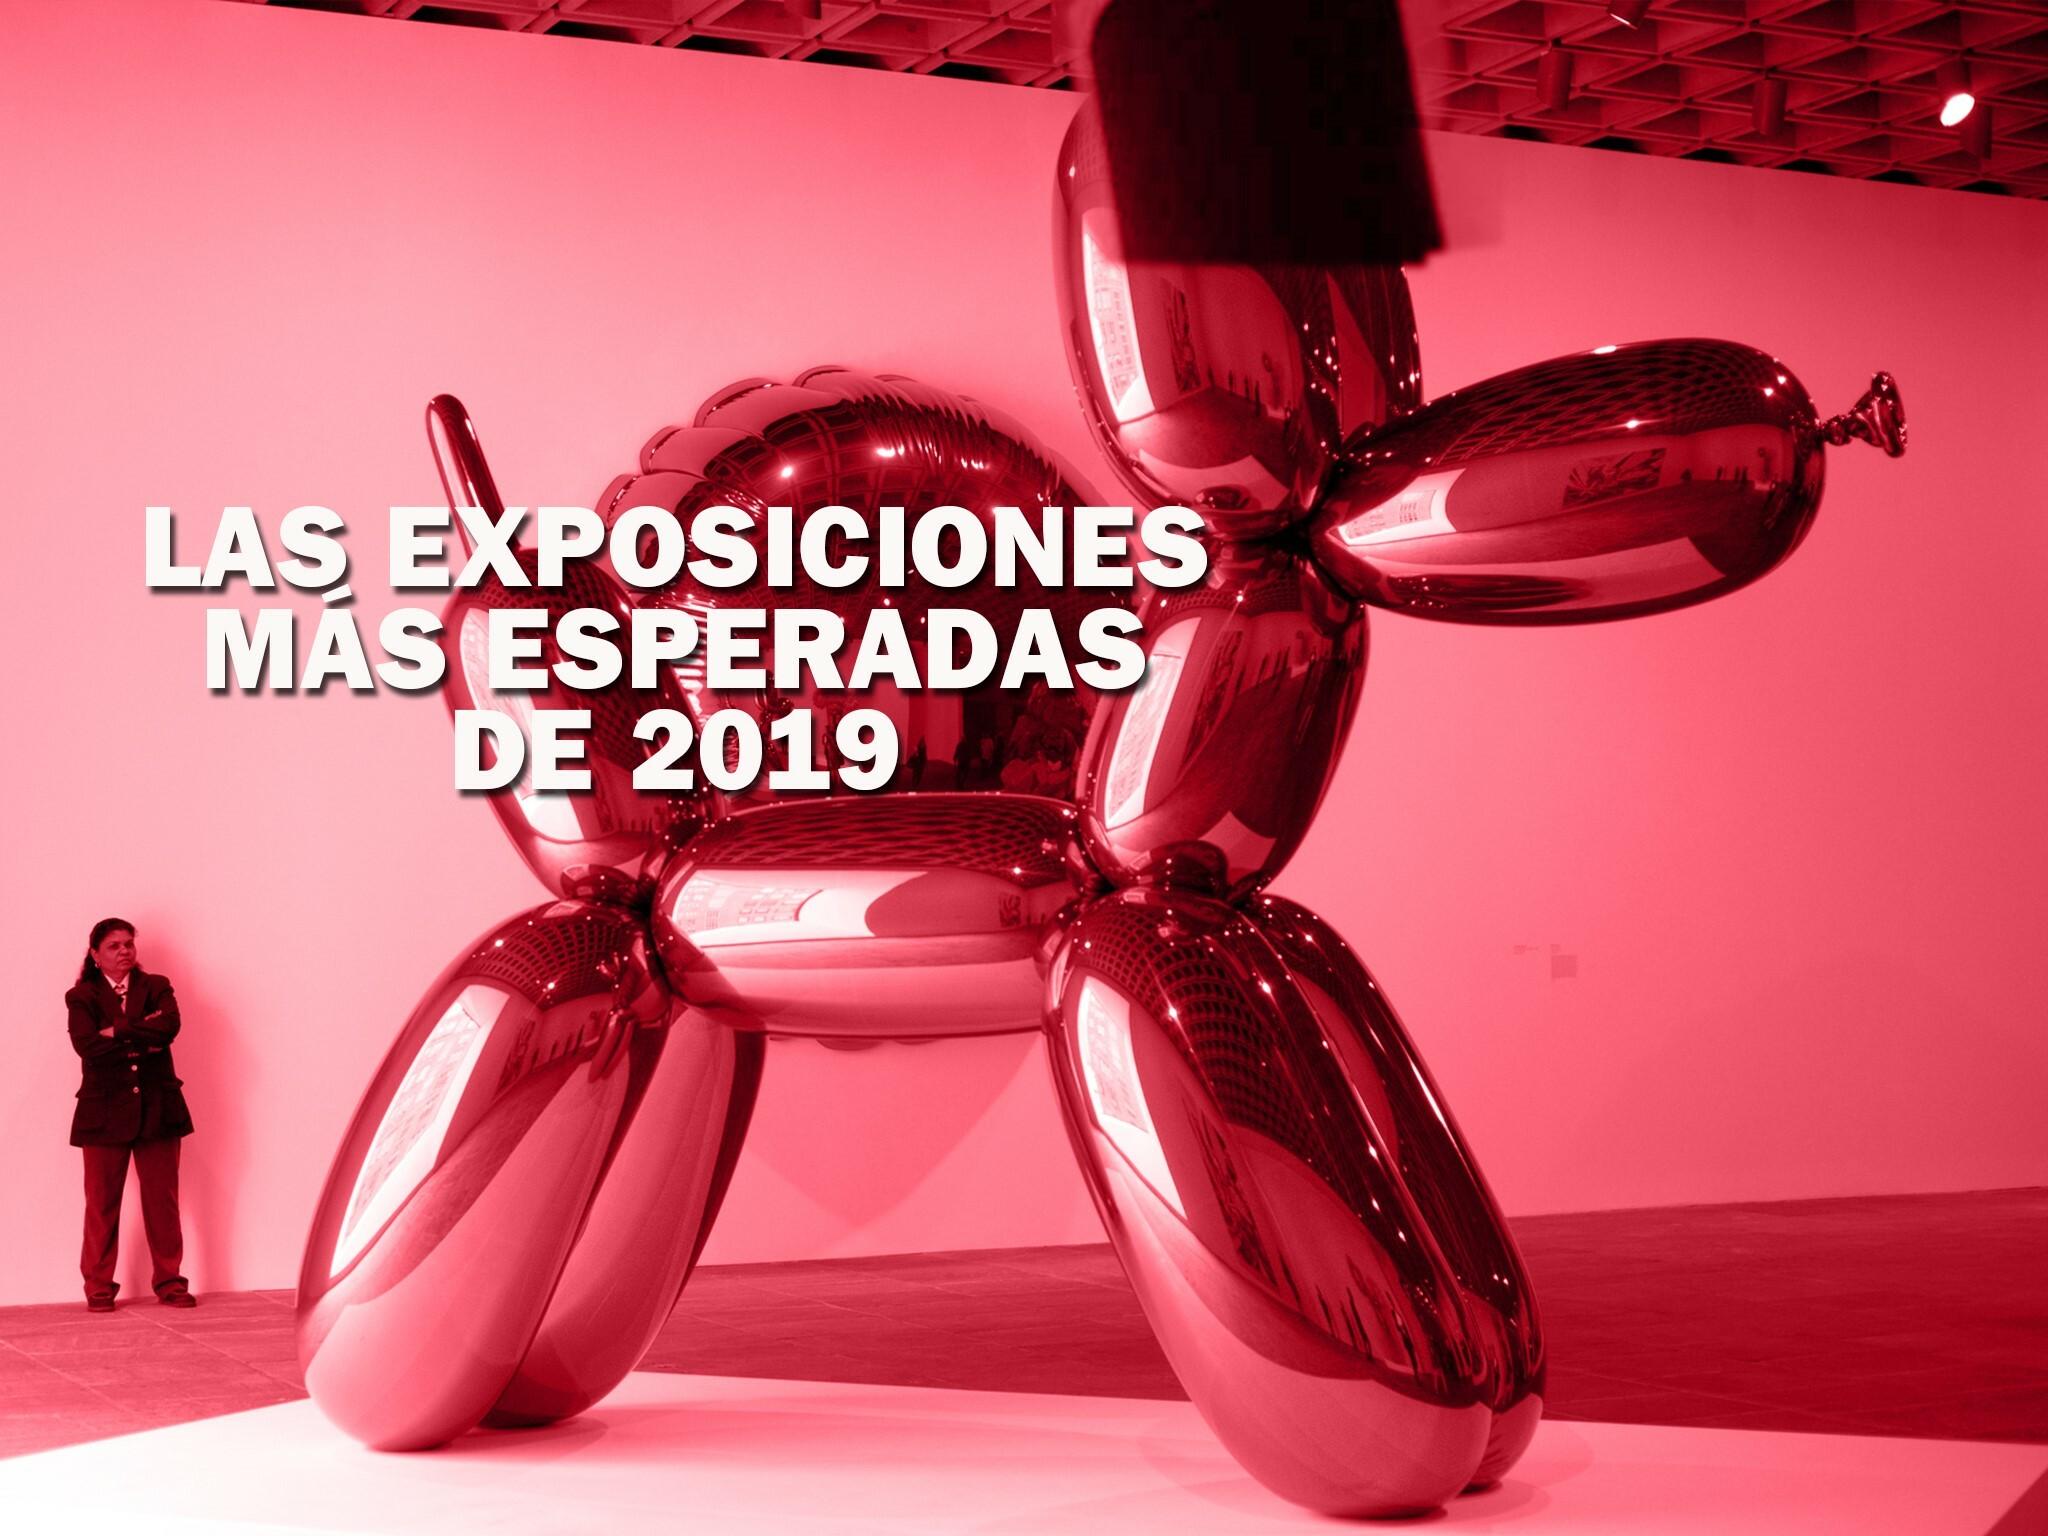 Las exposiciones más esperadas de 2019 en la CDMX